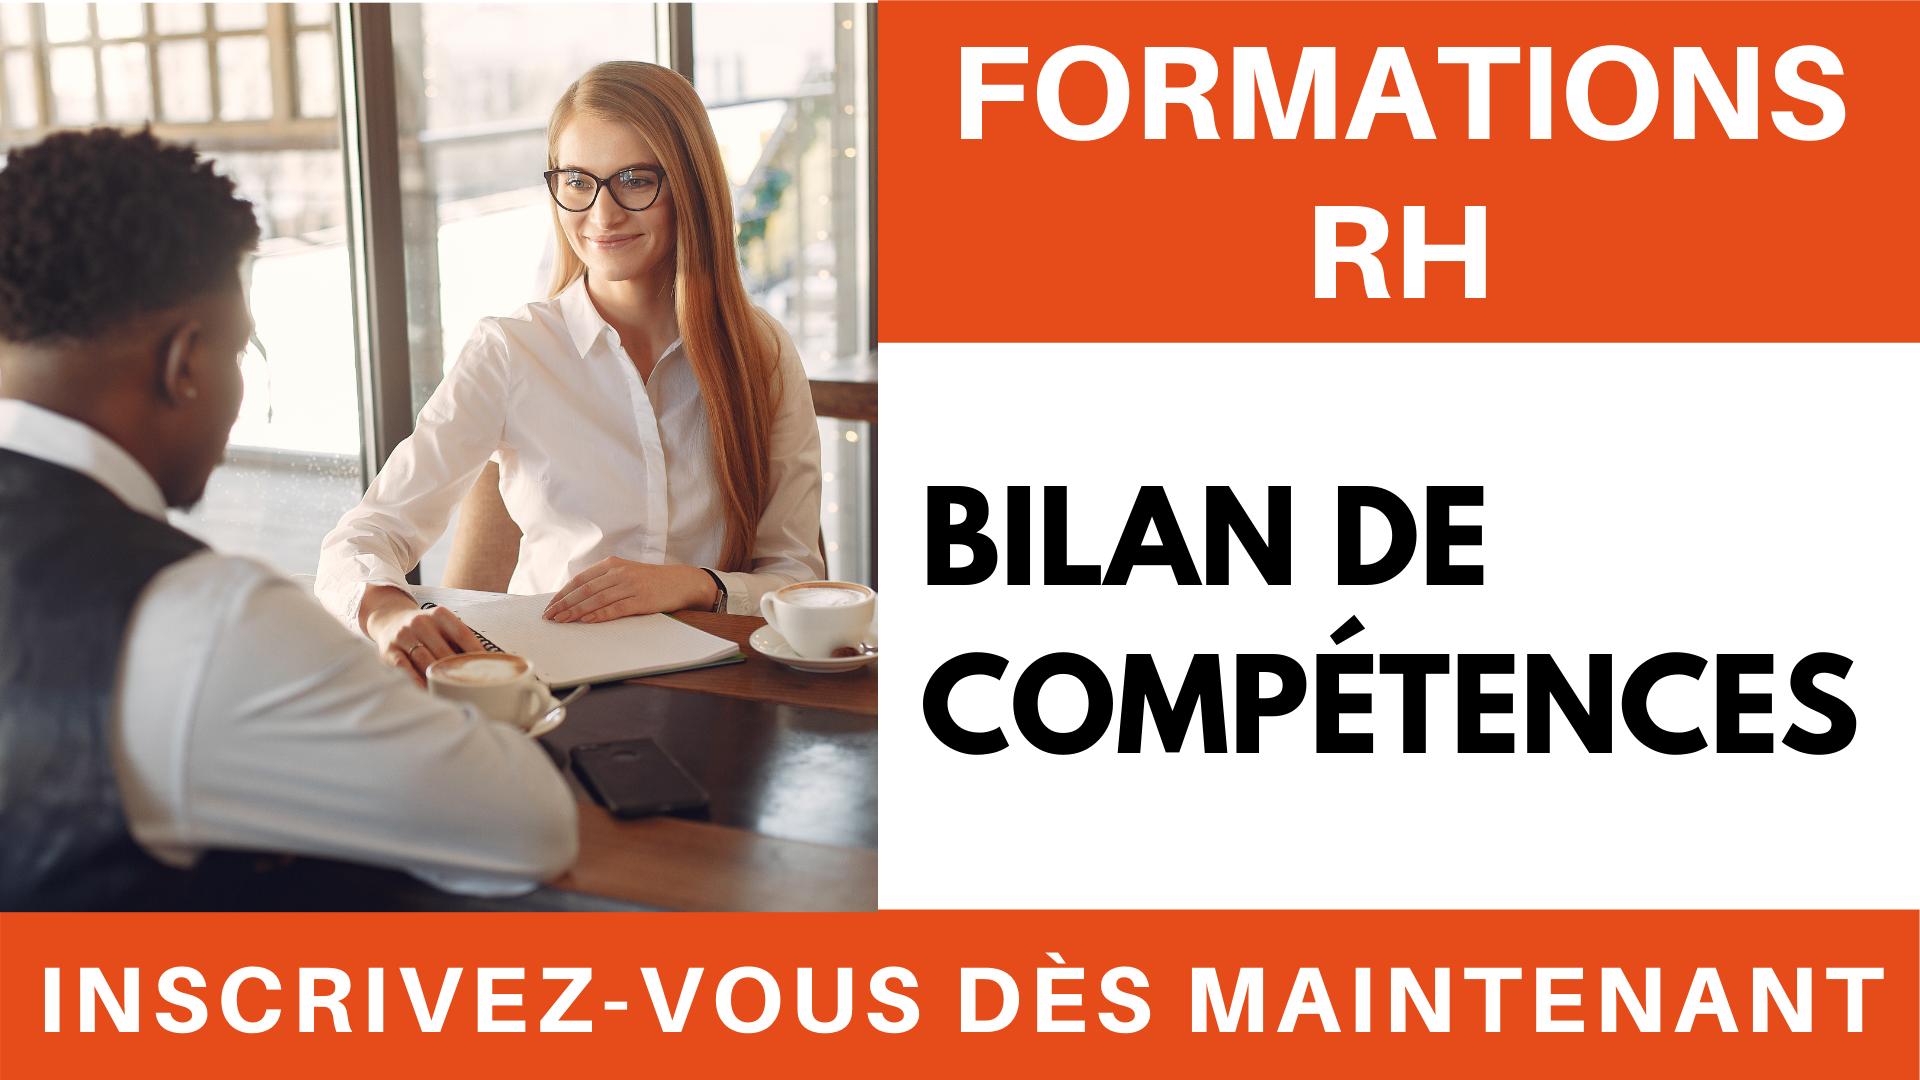 Formation RH - bilan de compétences